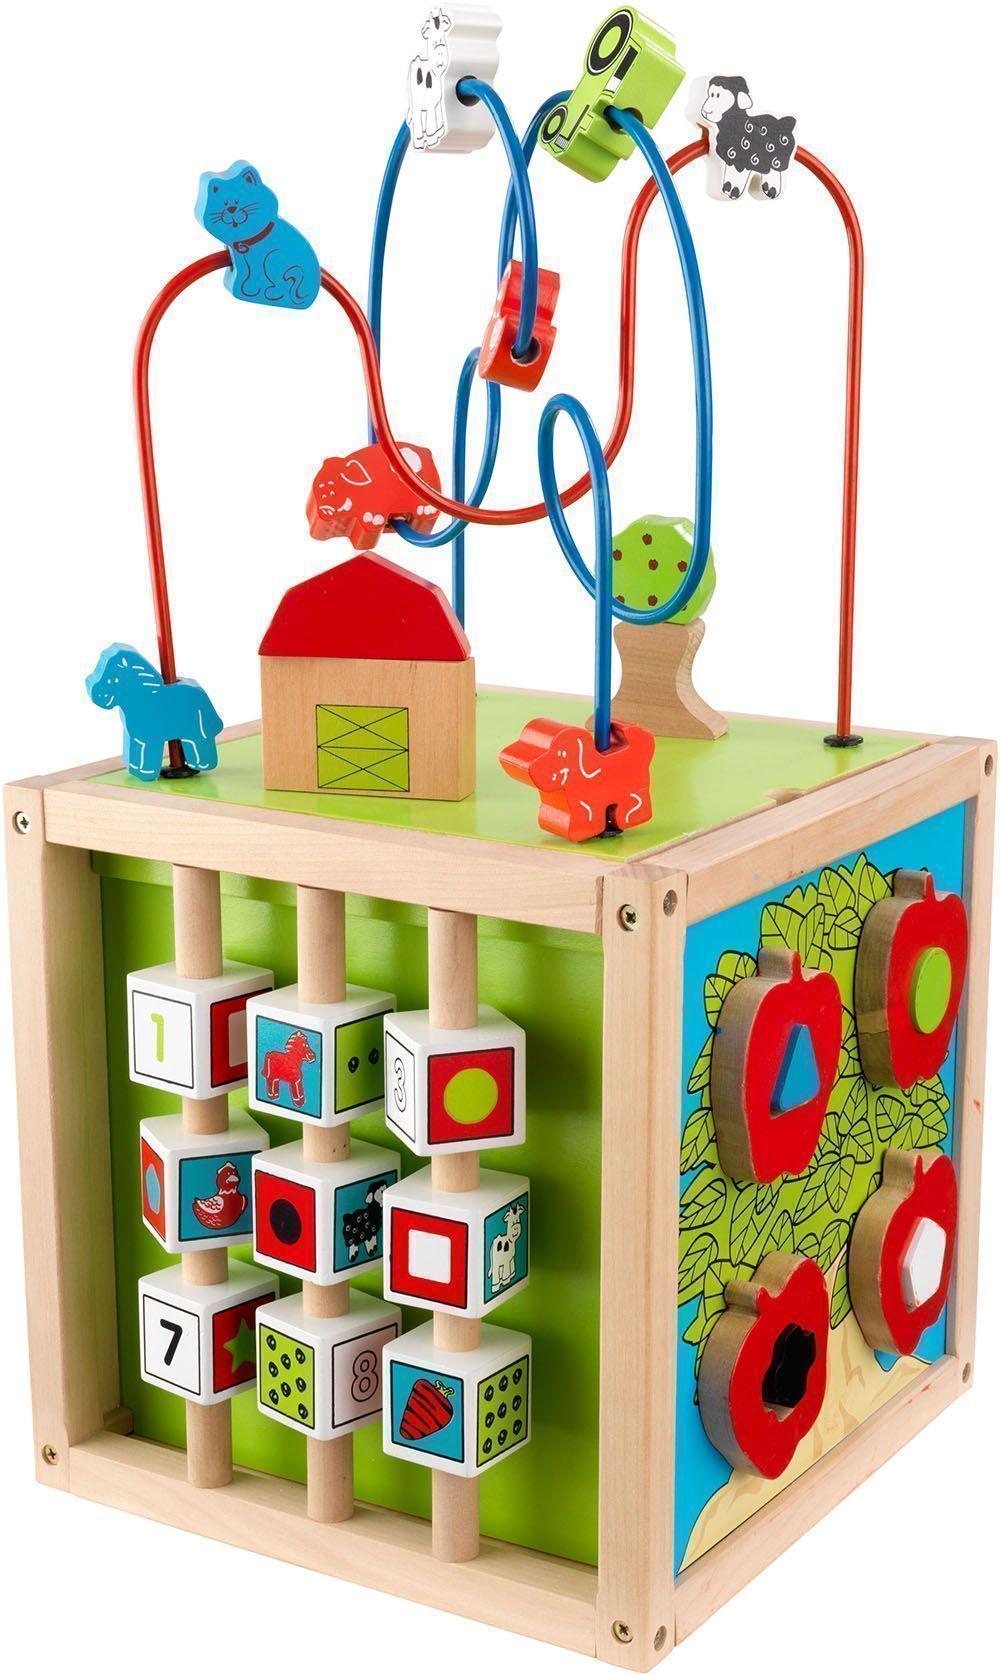 cube d 39 veil labyrinthe en bois. Black Bedroom Furniture Sets. Home Design Ideas